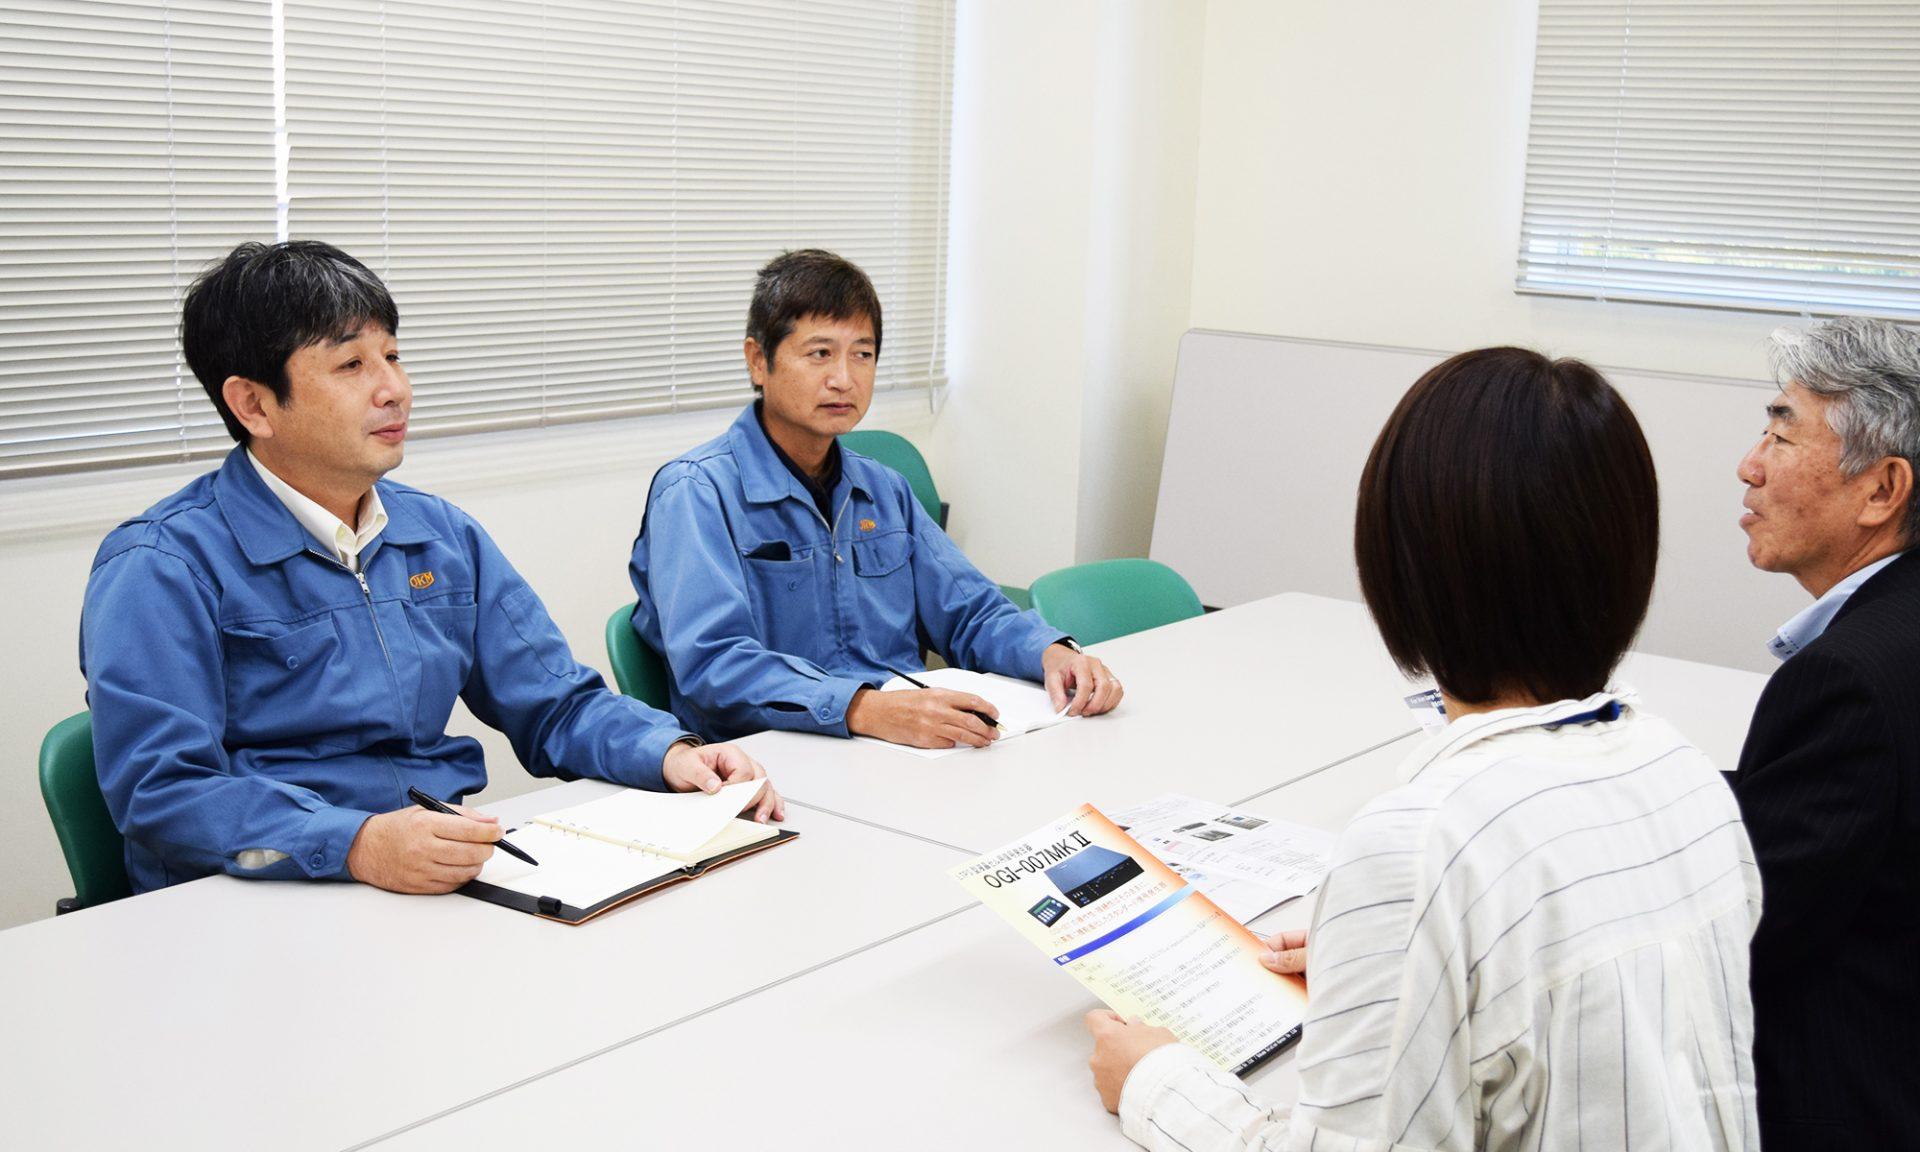 オオクマ・ソリューション関西株式会社